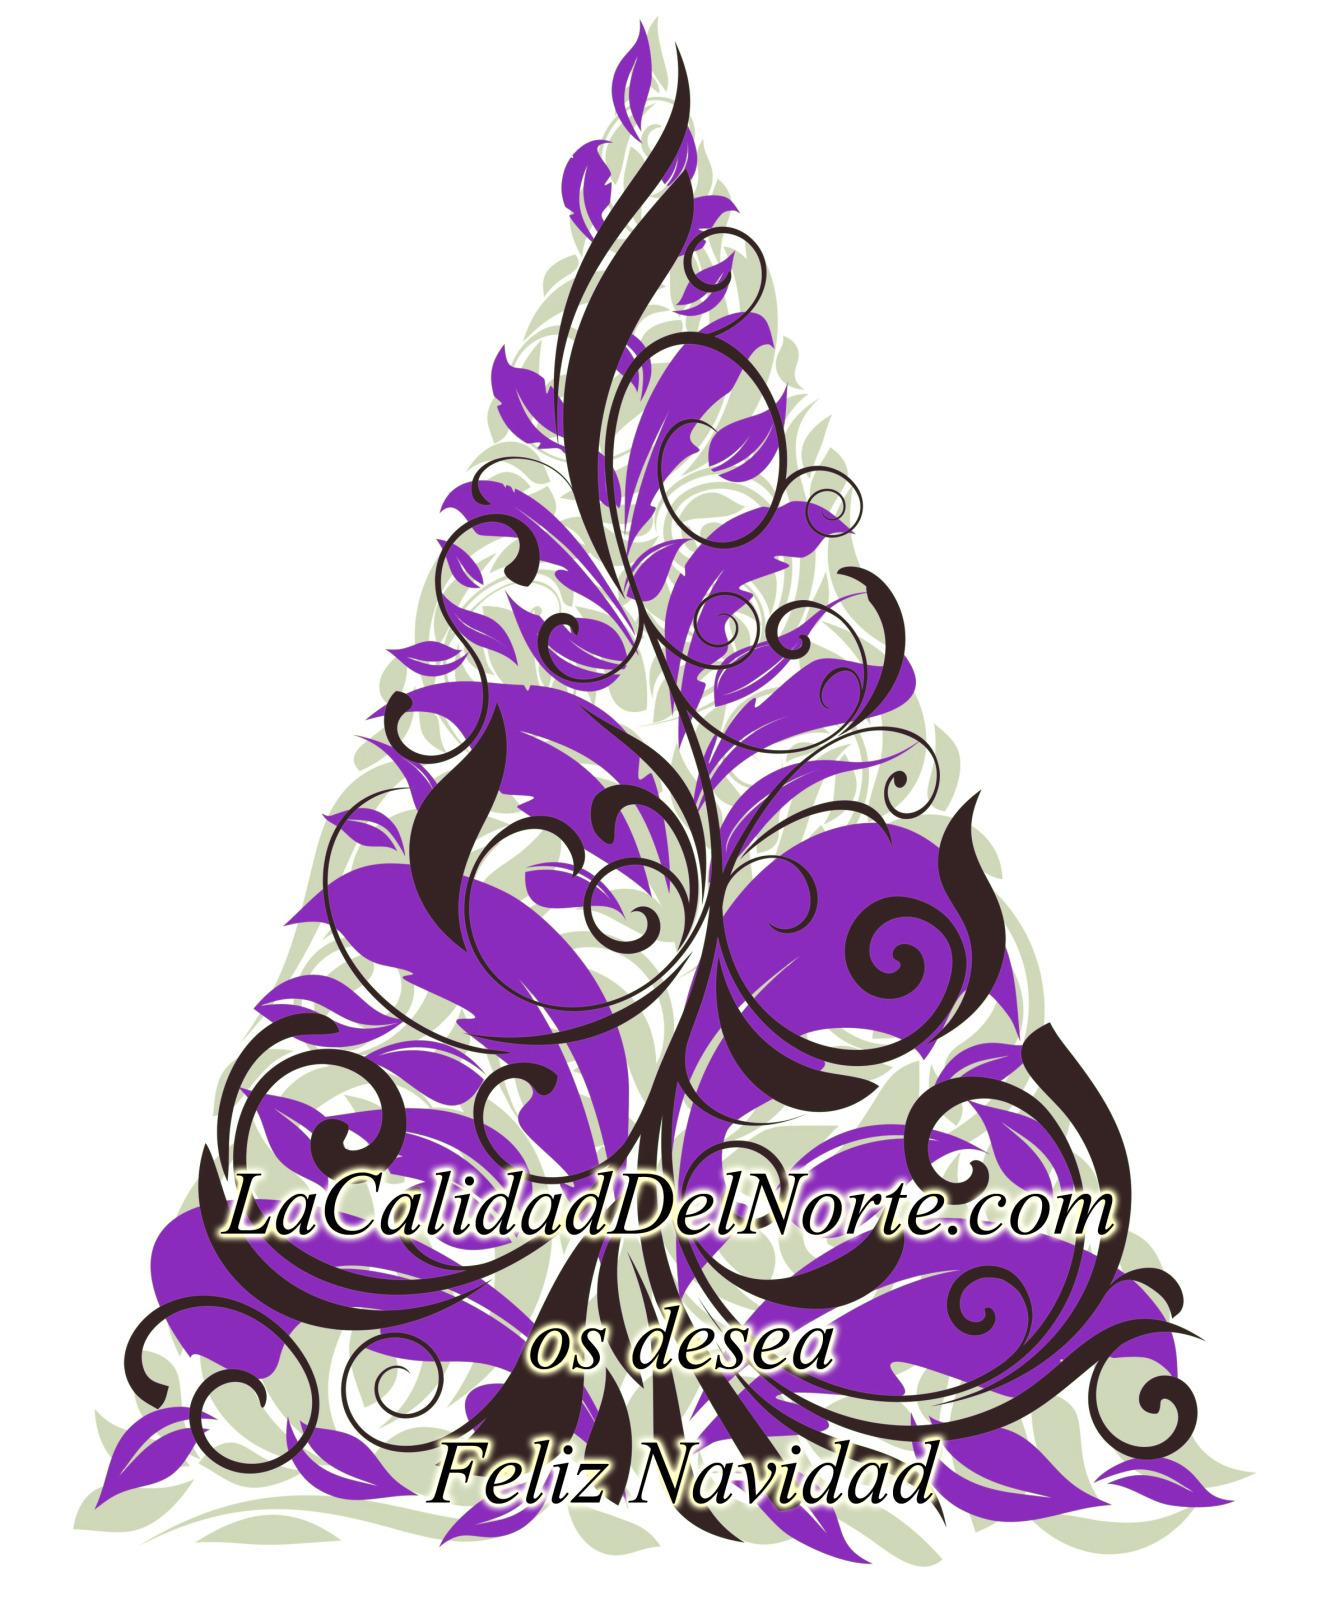 Feliz Navidad y feliz año 2013